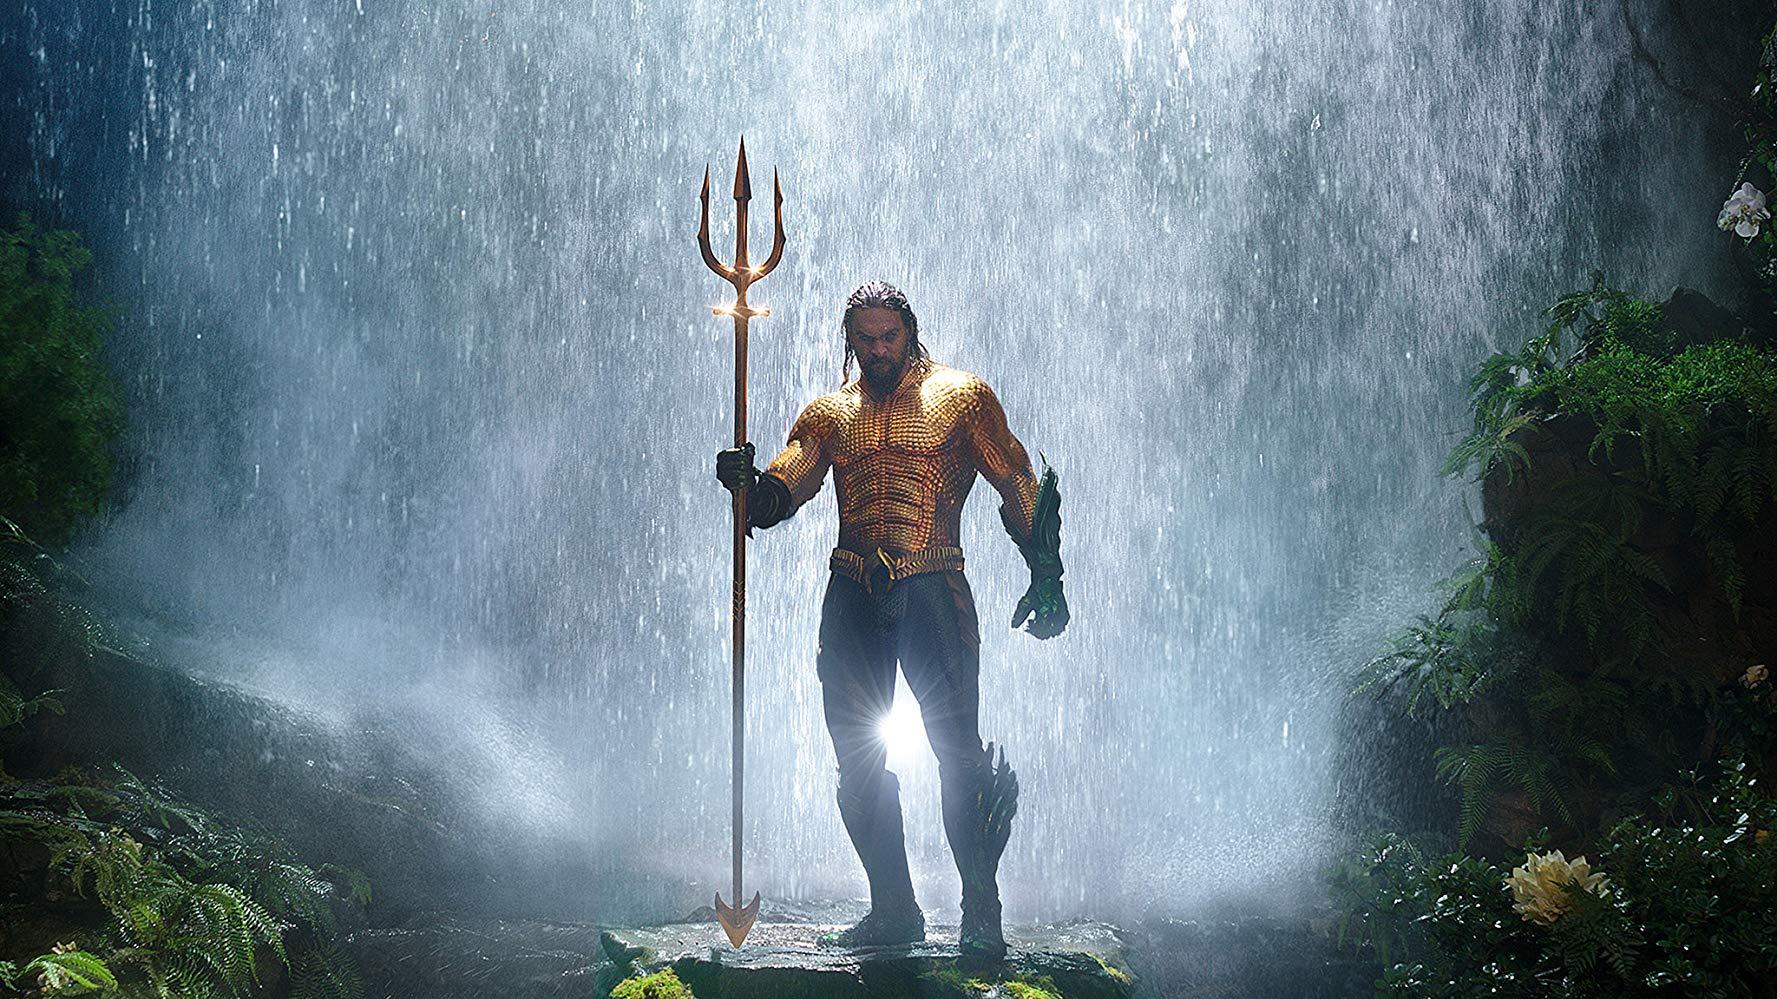 4DXの水が凄い!4DXに一番マッチした映画